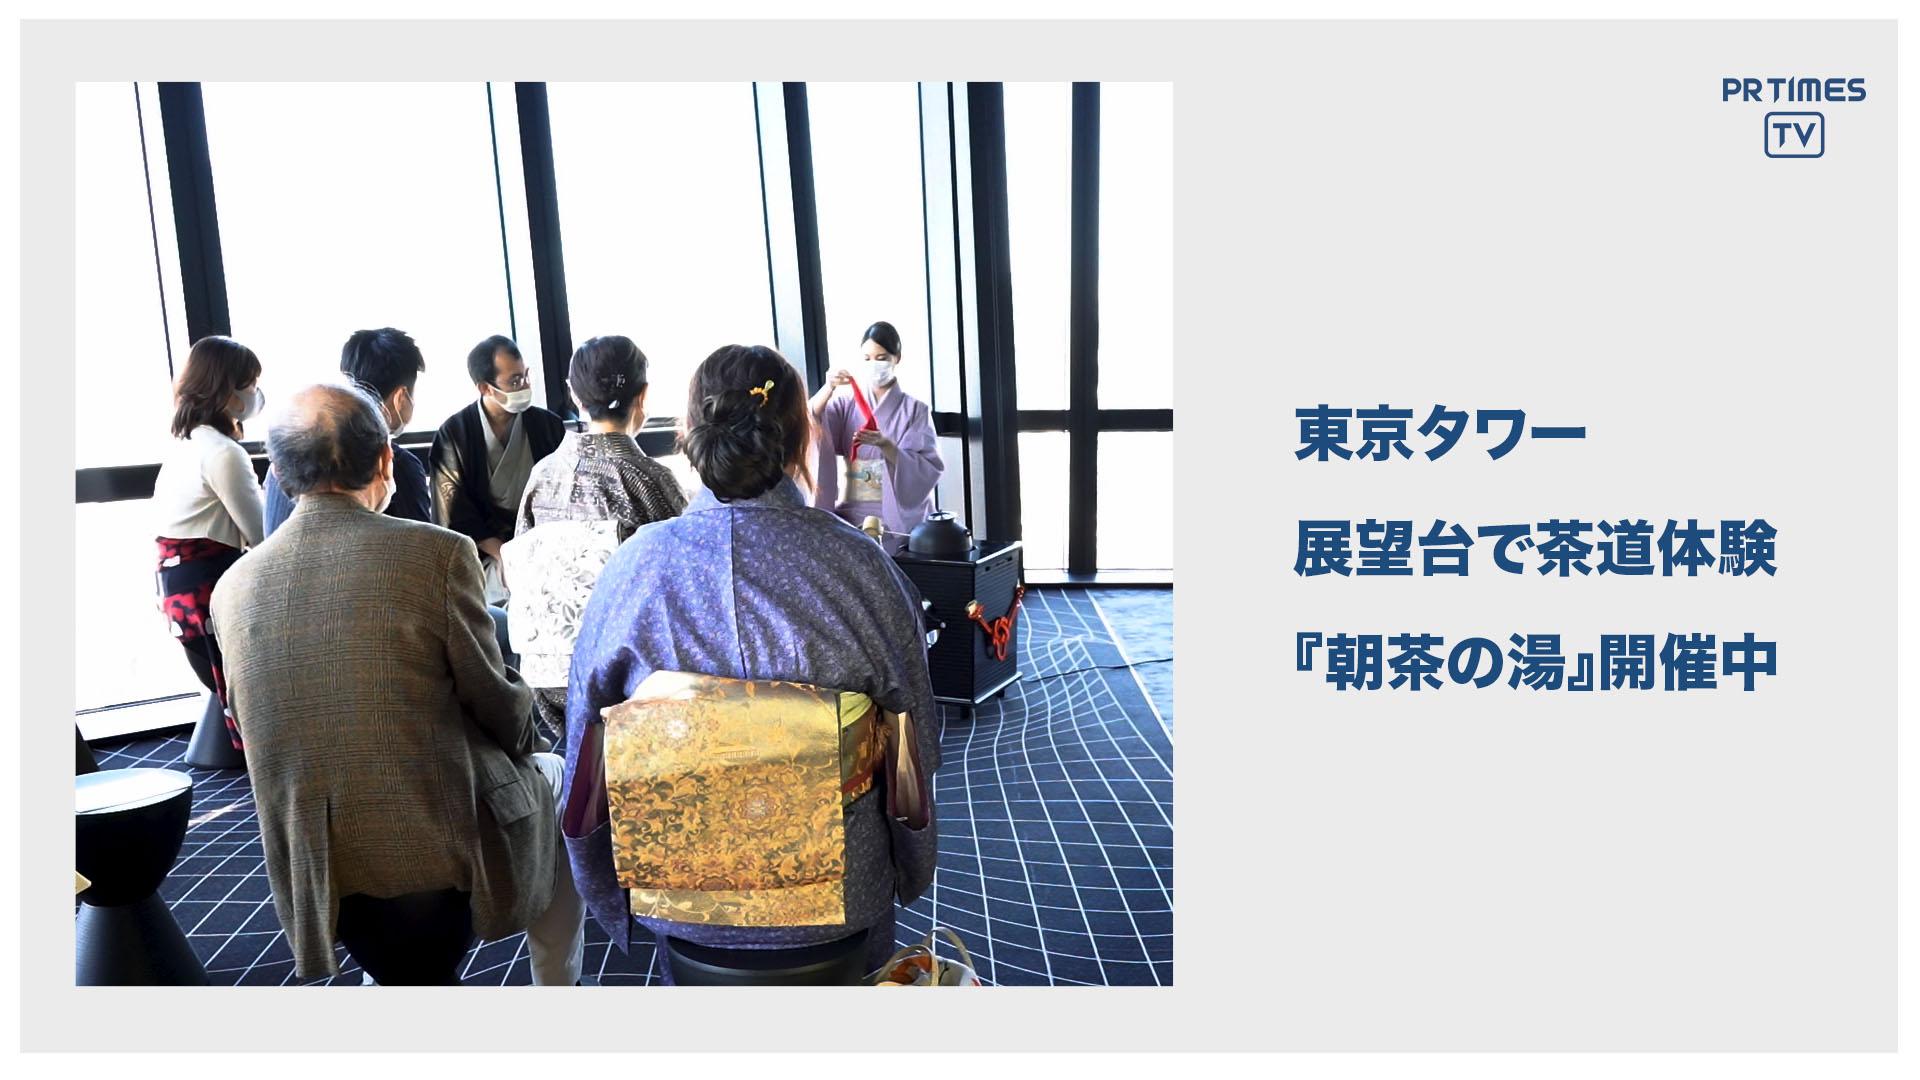 東京タワーの展望台から天空を楽しむ茶道体験「朝茶の湯」 11⽉21⽇(⼟)より隔週土曜日に開催